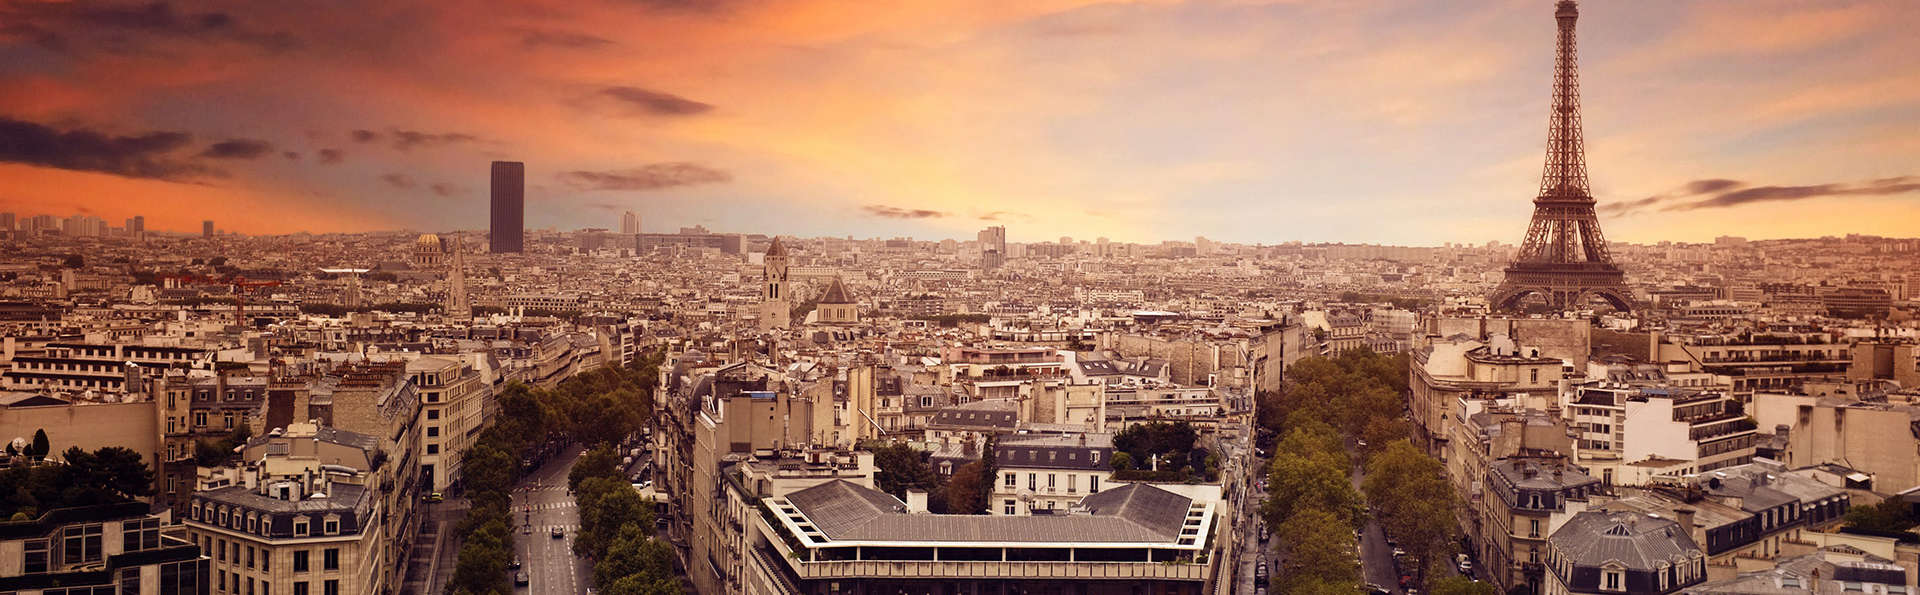 L'Empire Paris - Edit_romantic06.jpg